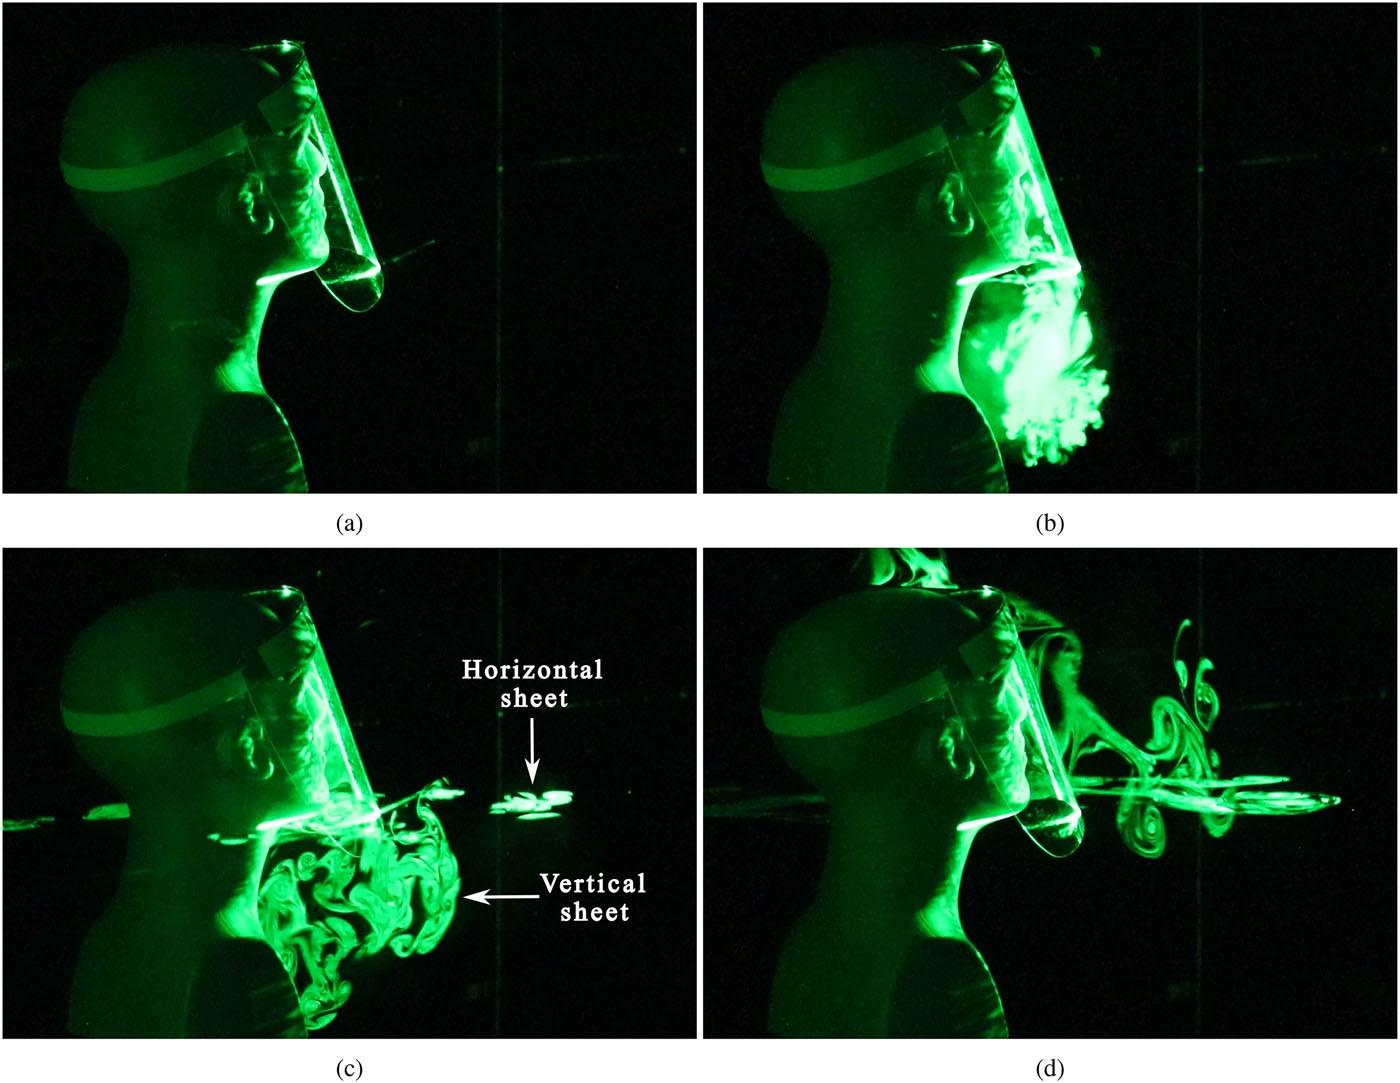 Visualisation de la dispersion des gouttelettes lorsqu'un masque N95 équipé d'un orifice d'expiration est utilisé.(a) Avant une toux / éternuement; (b) 0,2 s après le début de la toux; (c) après 0,63 s et (d) après 1,67 s. © Siddhartha Verma, Manhar Dhanak, John Frankenfield